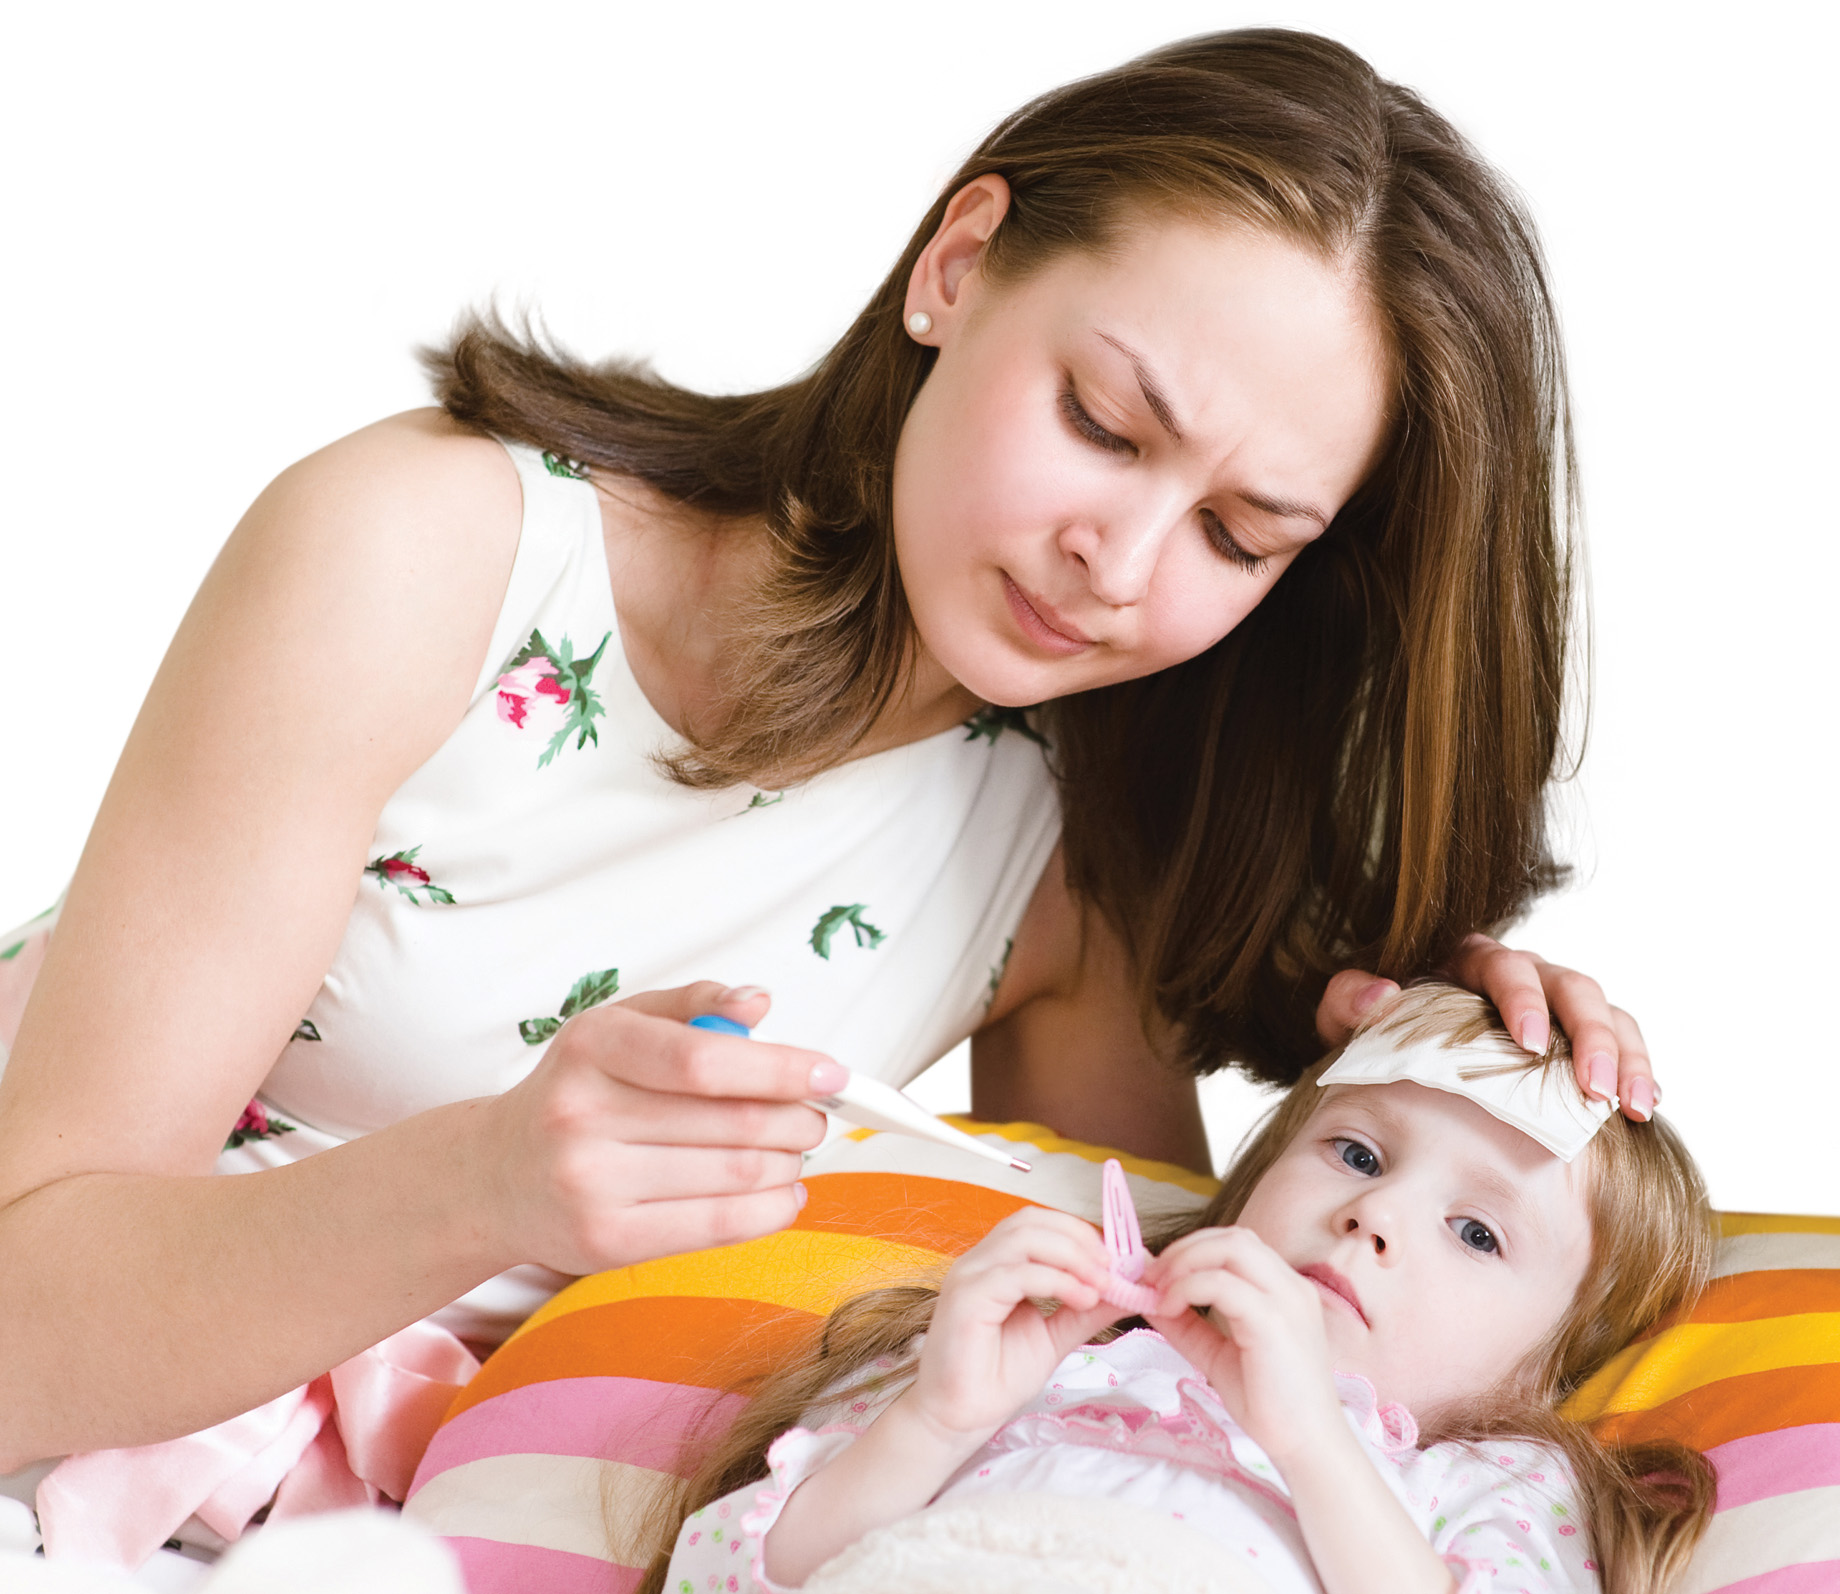 Khi trẻ bị sốt nên dùng những loại thuốc nào là tốt nhất?